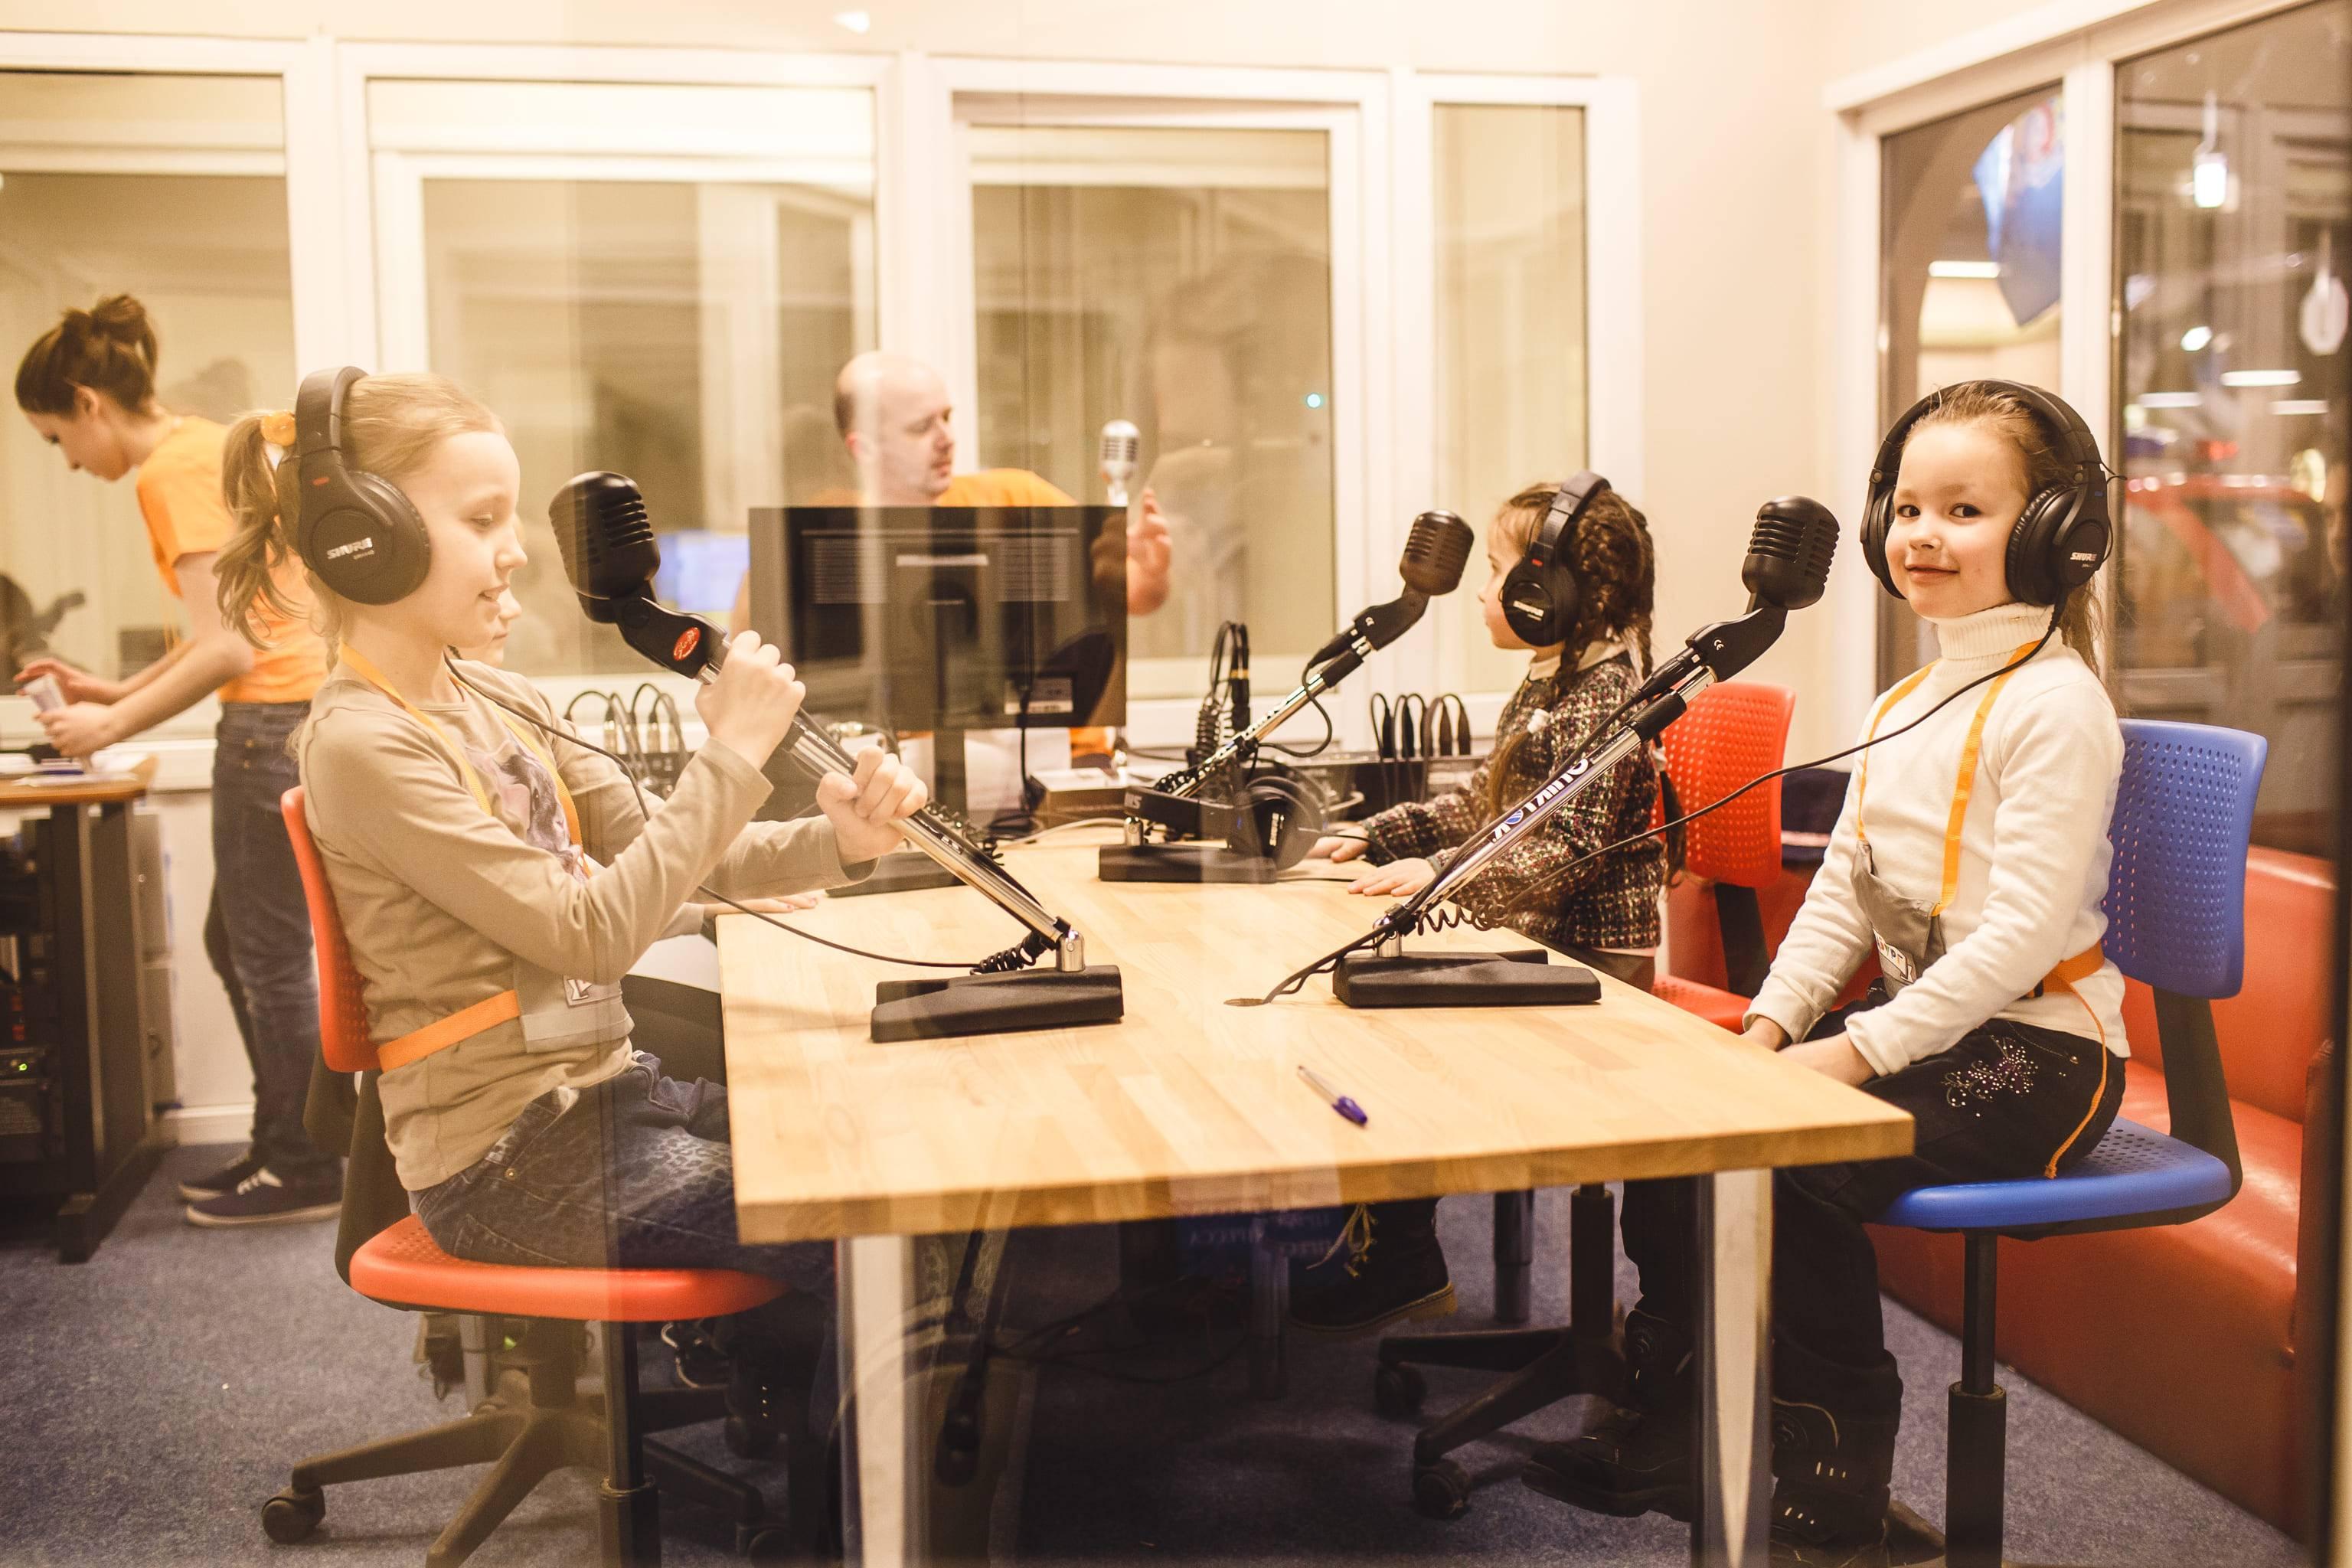 В ЦДМ на Лубянке возобновили работу развлекательные центры